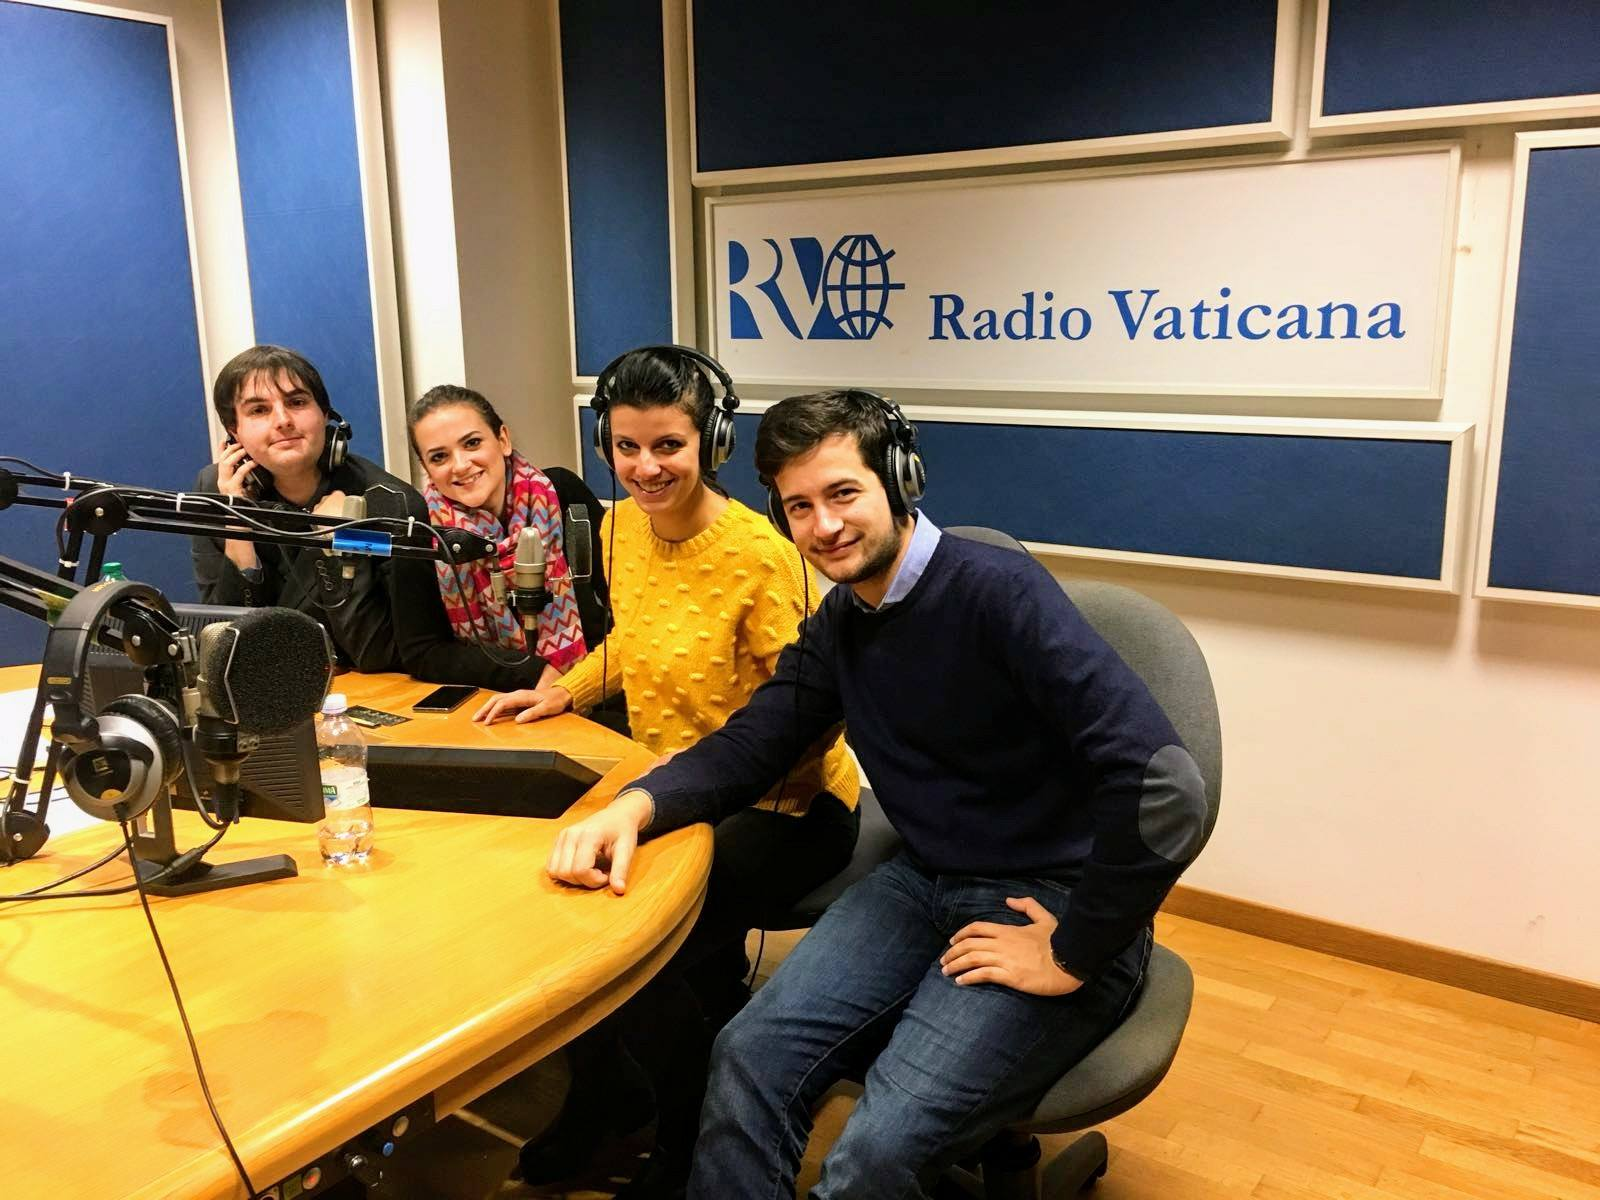 QG at Radio Vaticana